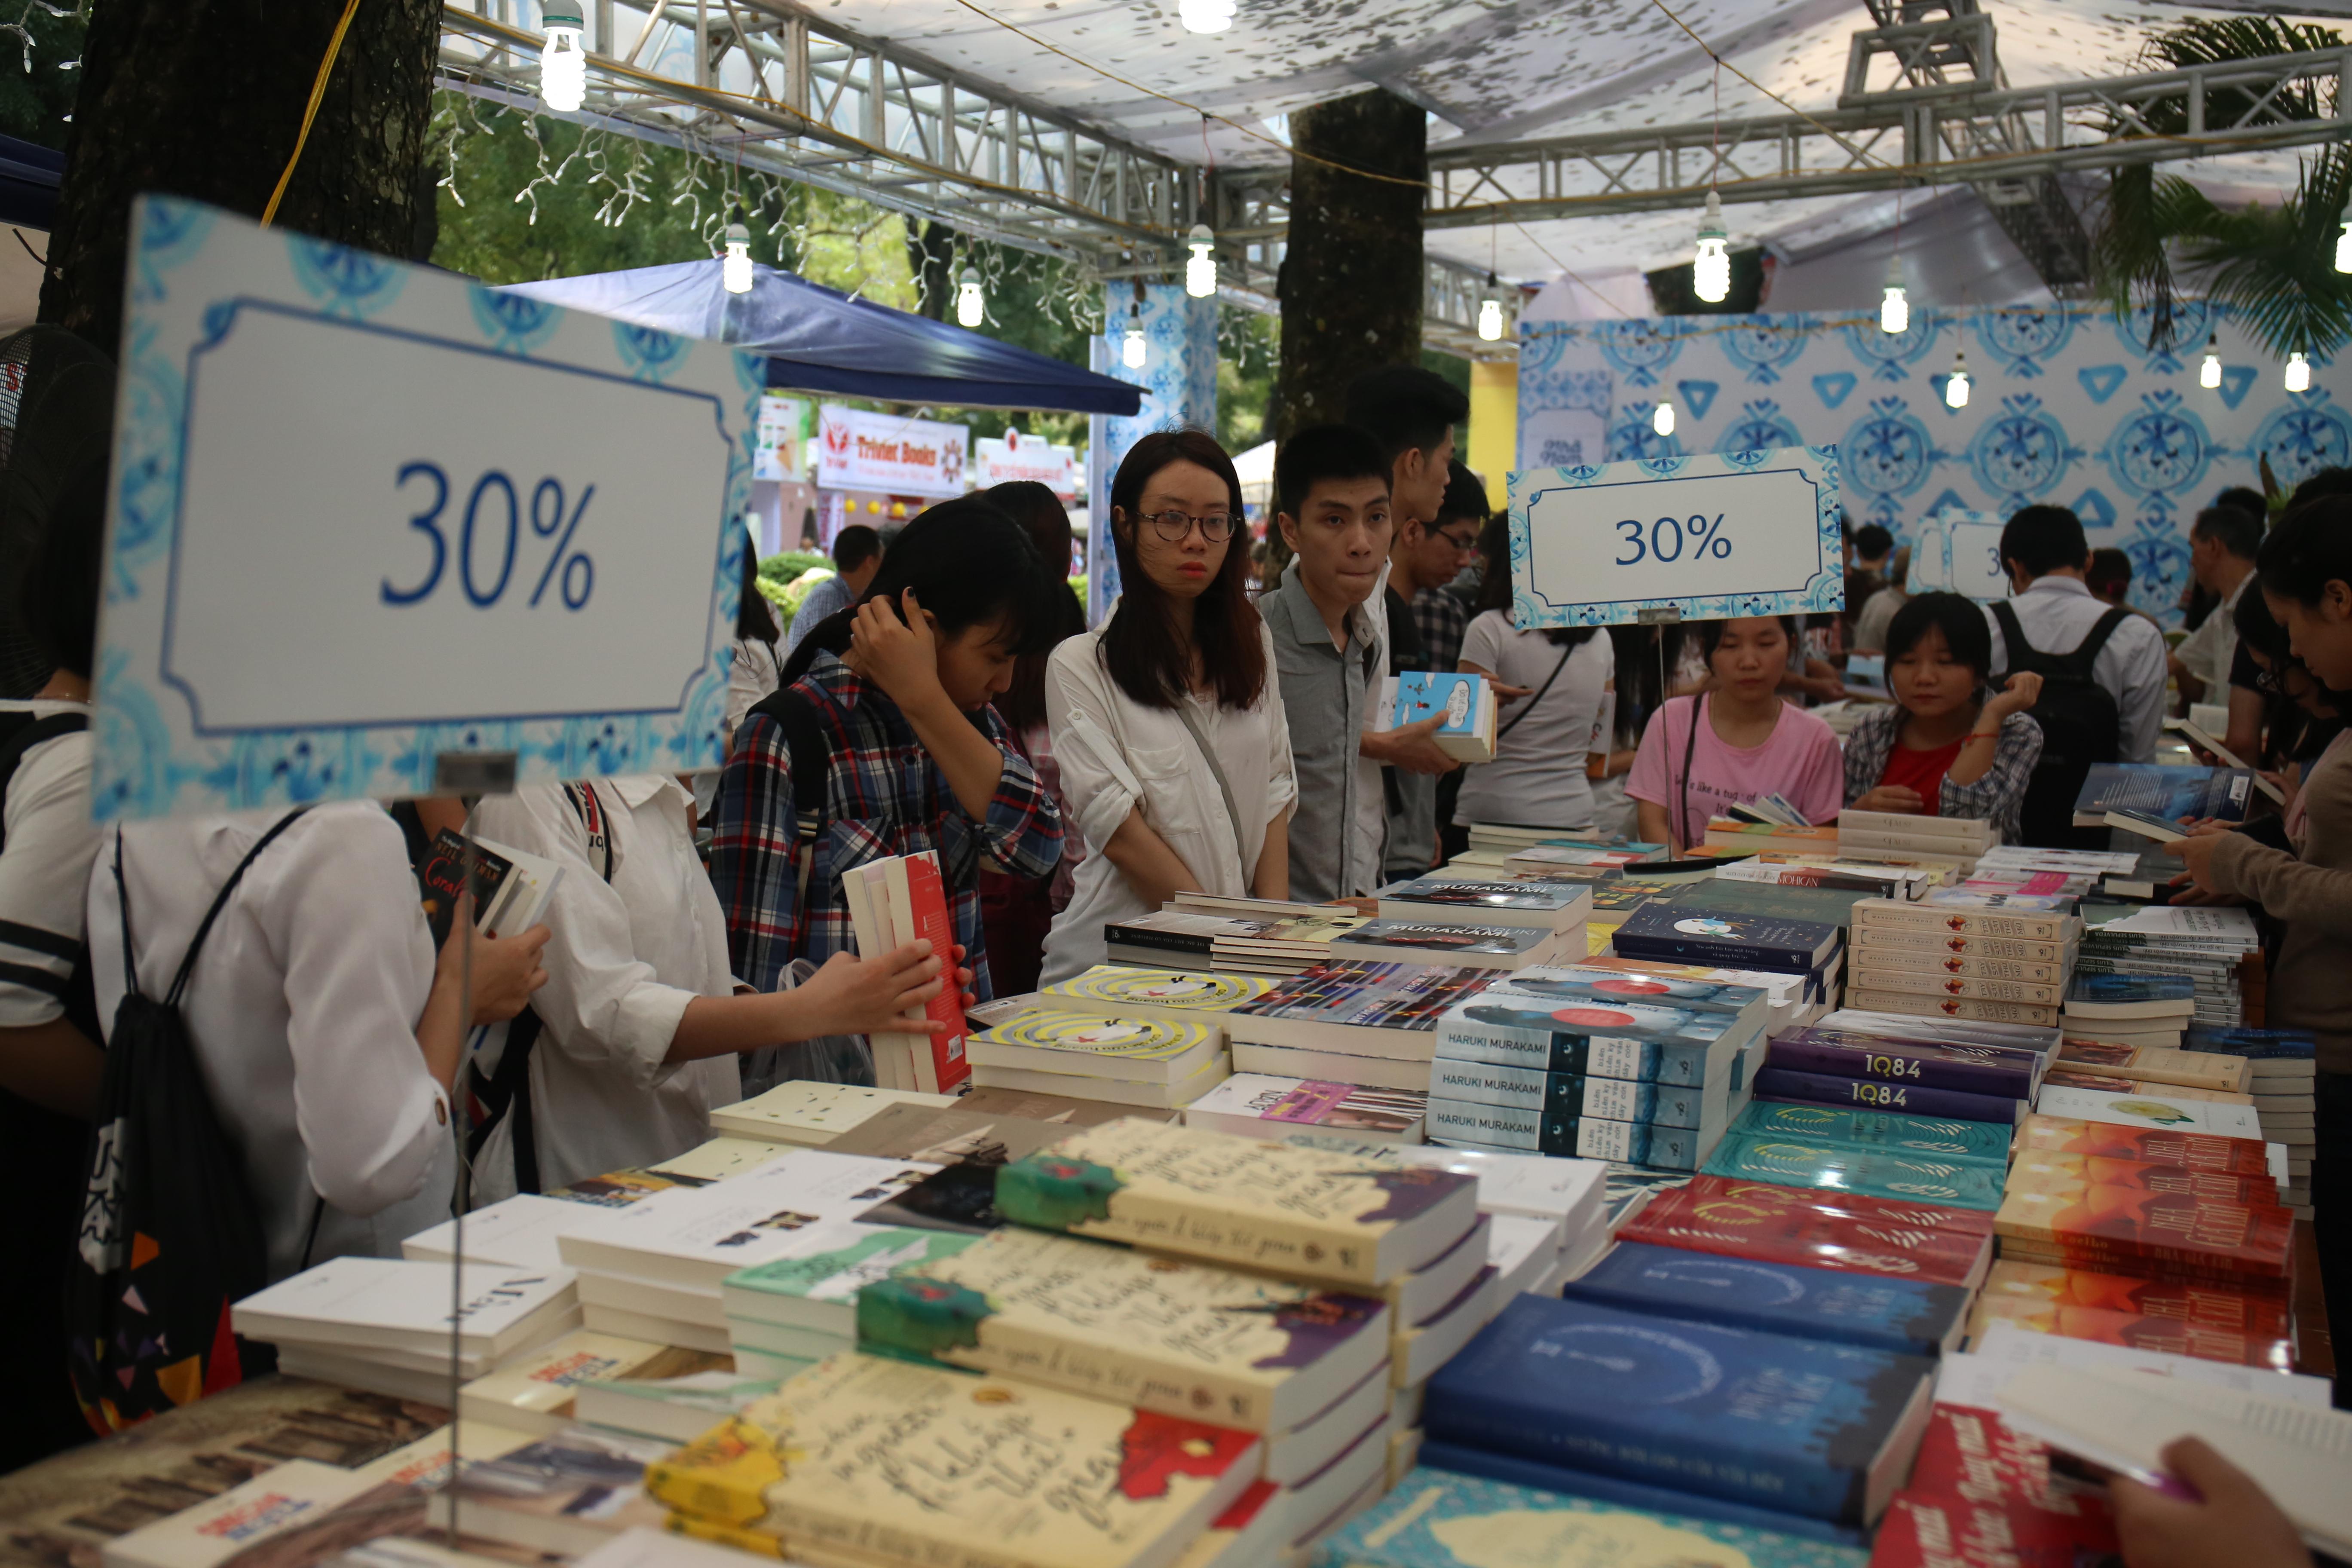 Các gian hàng đều có những chương trình ưu đãi, với giá giảm   sâu từ 20 đến 50% trên mỗi đầu sách.